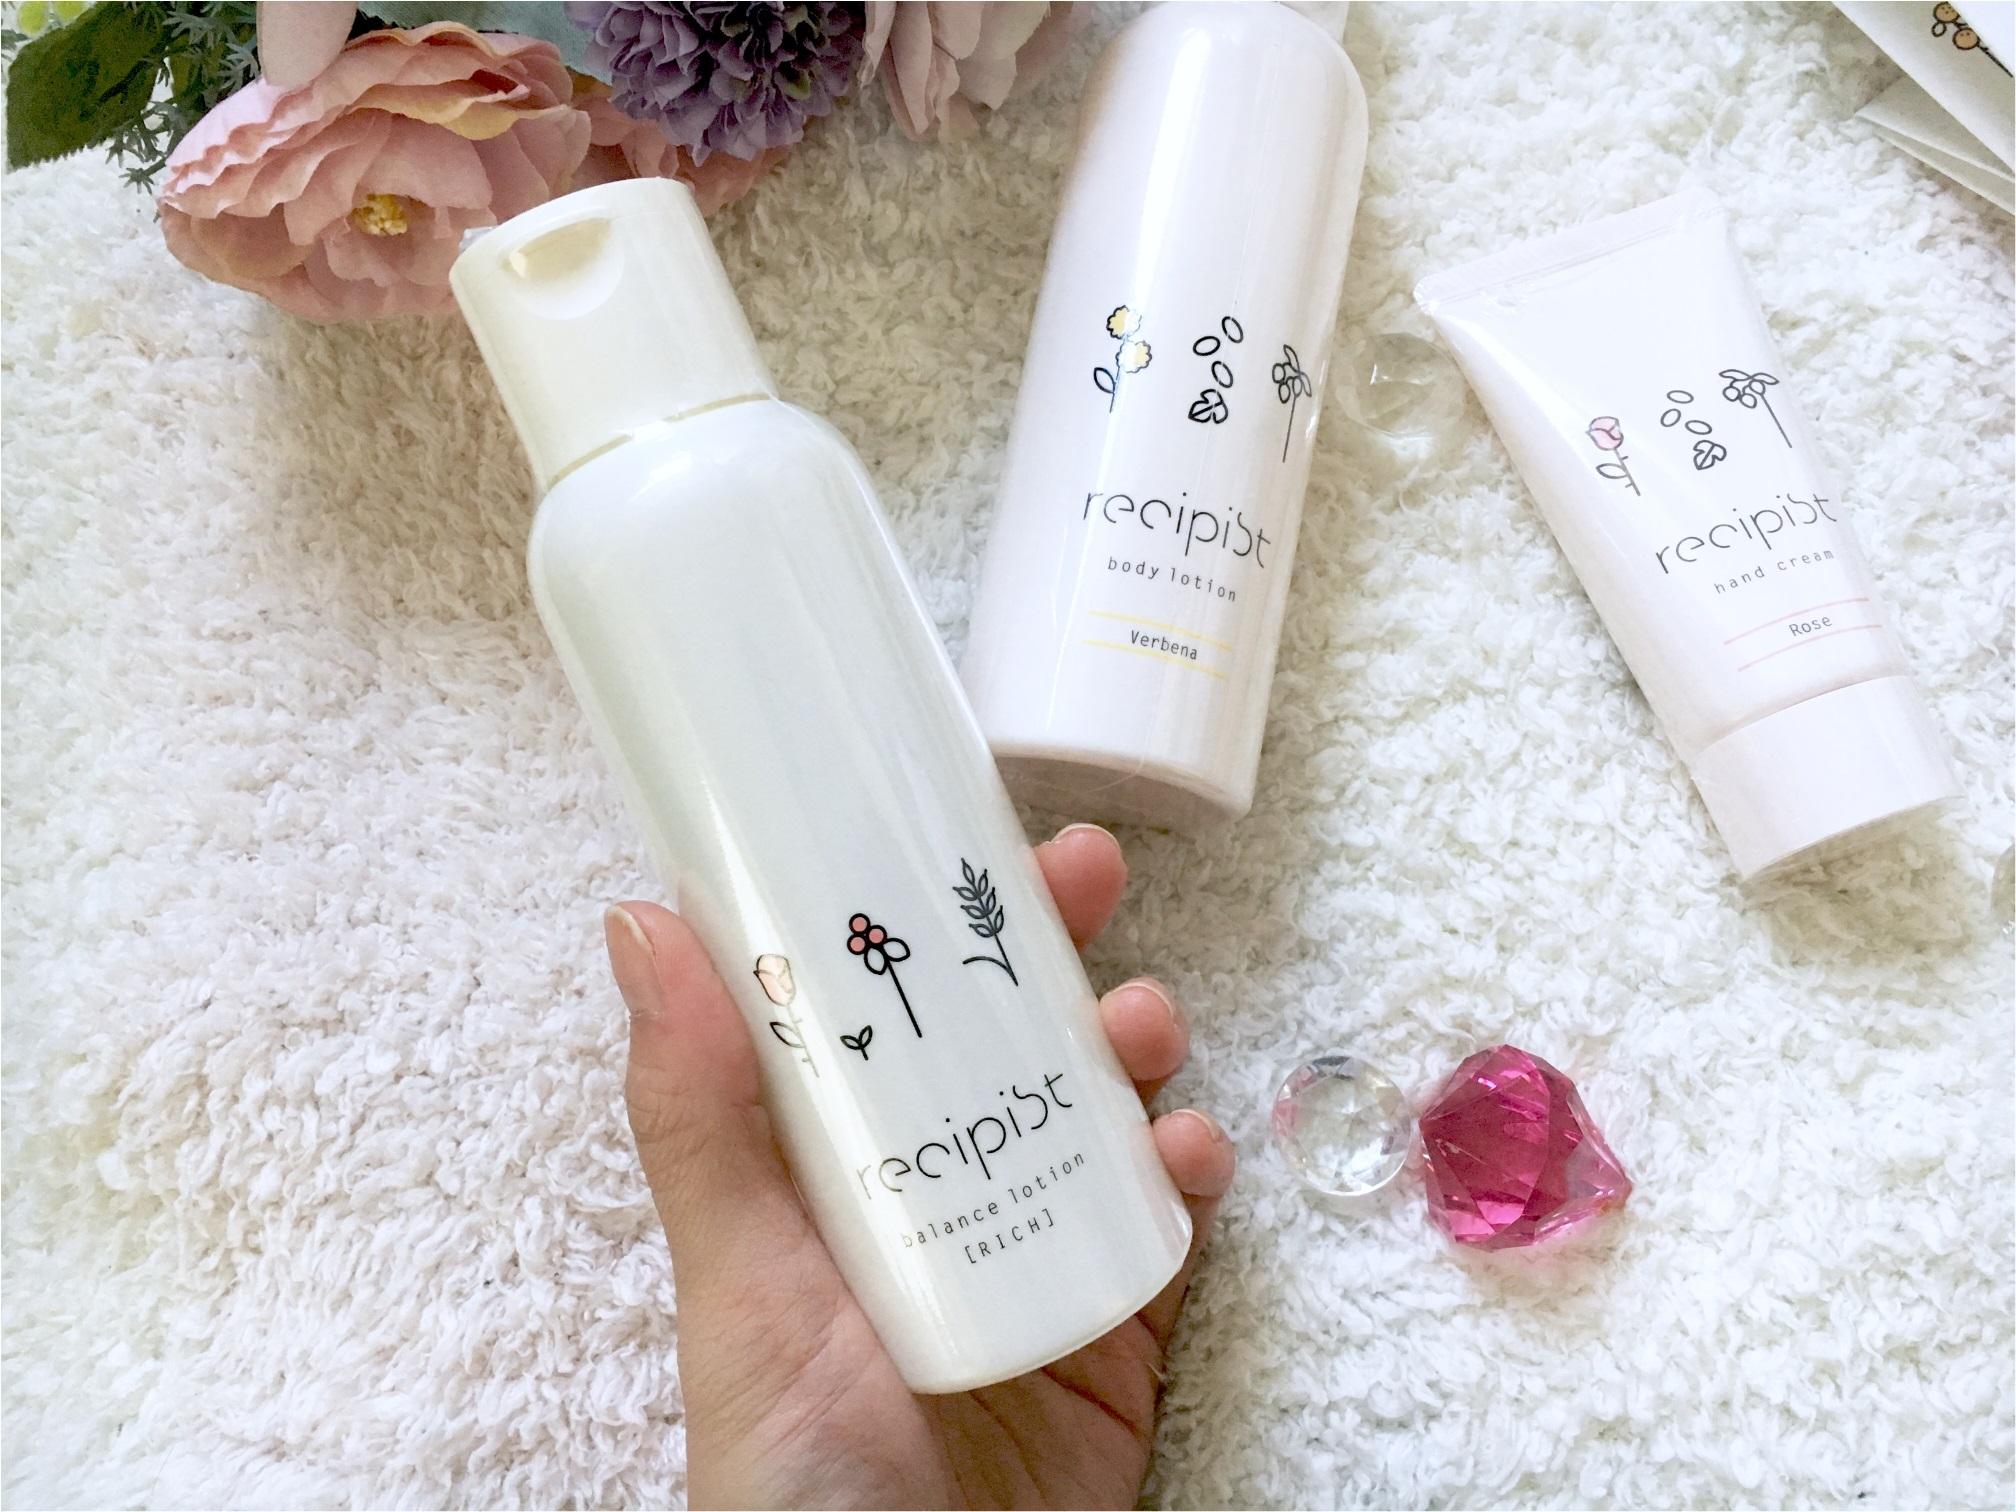 プチプラ化粧水特集 - 乾燥、ニキビ、美白などにおすすめの高コスパな化粧水まとめ_9